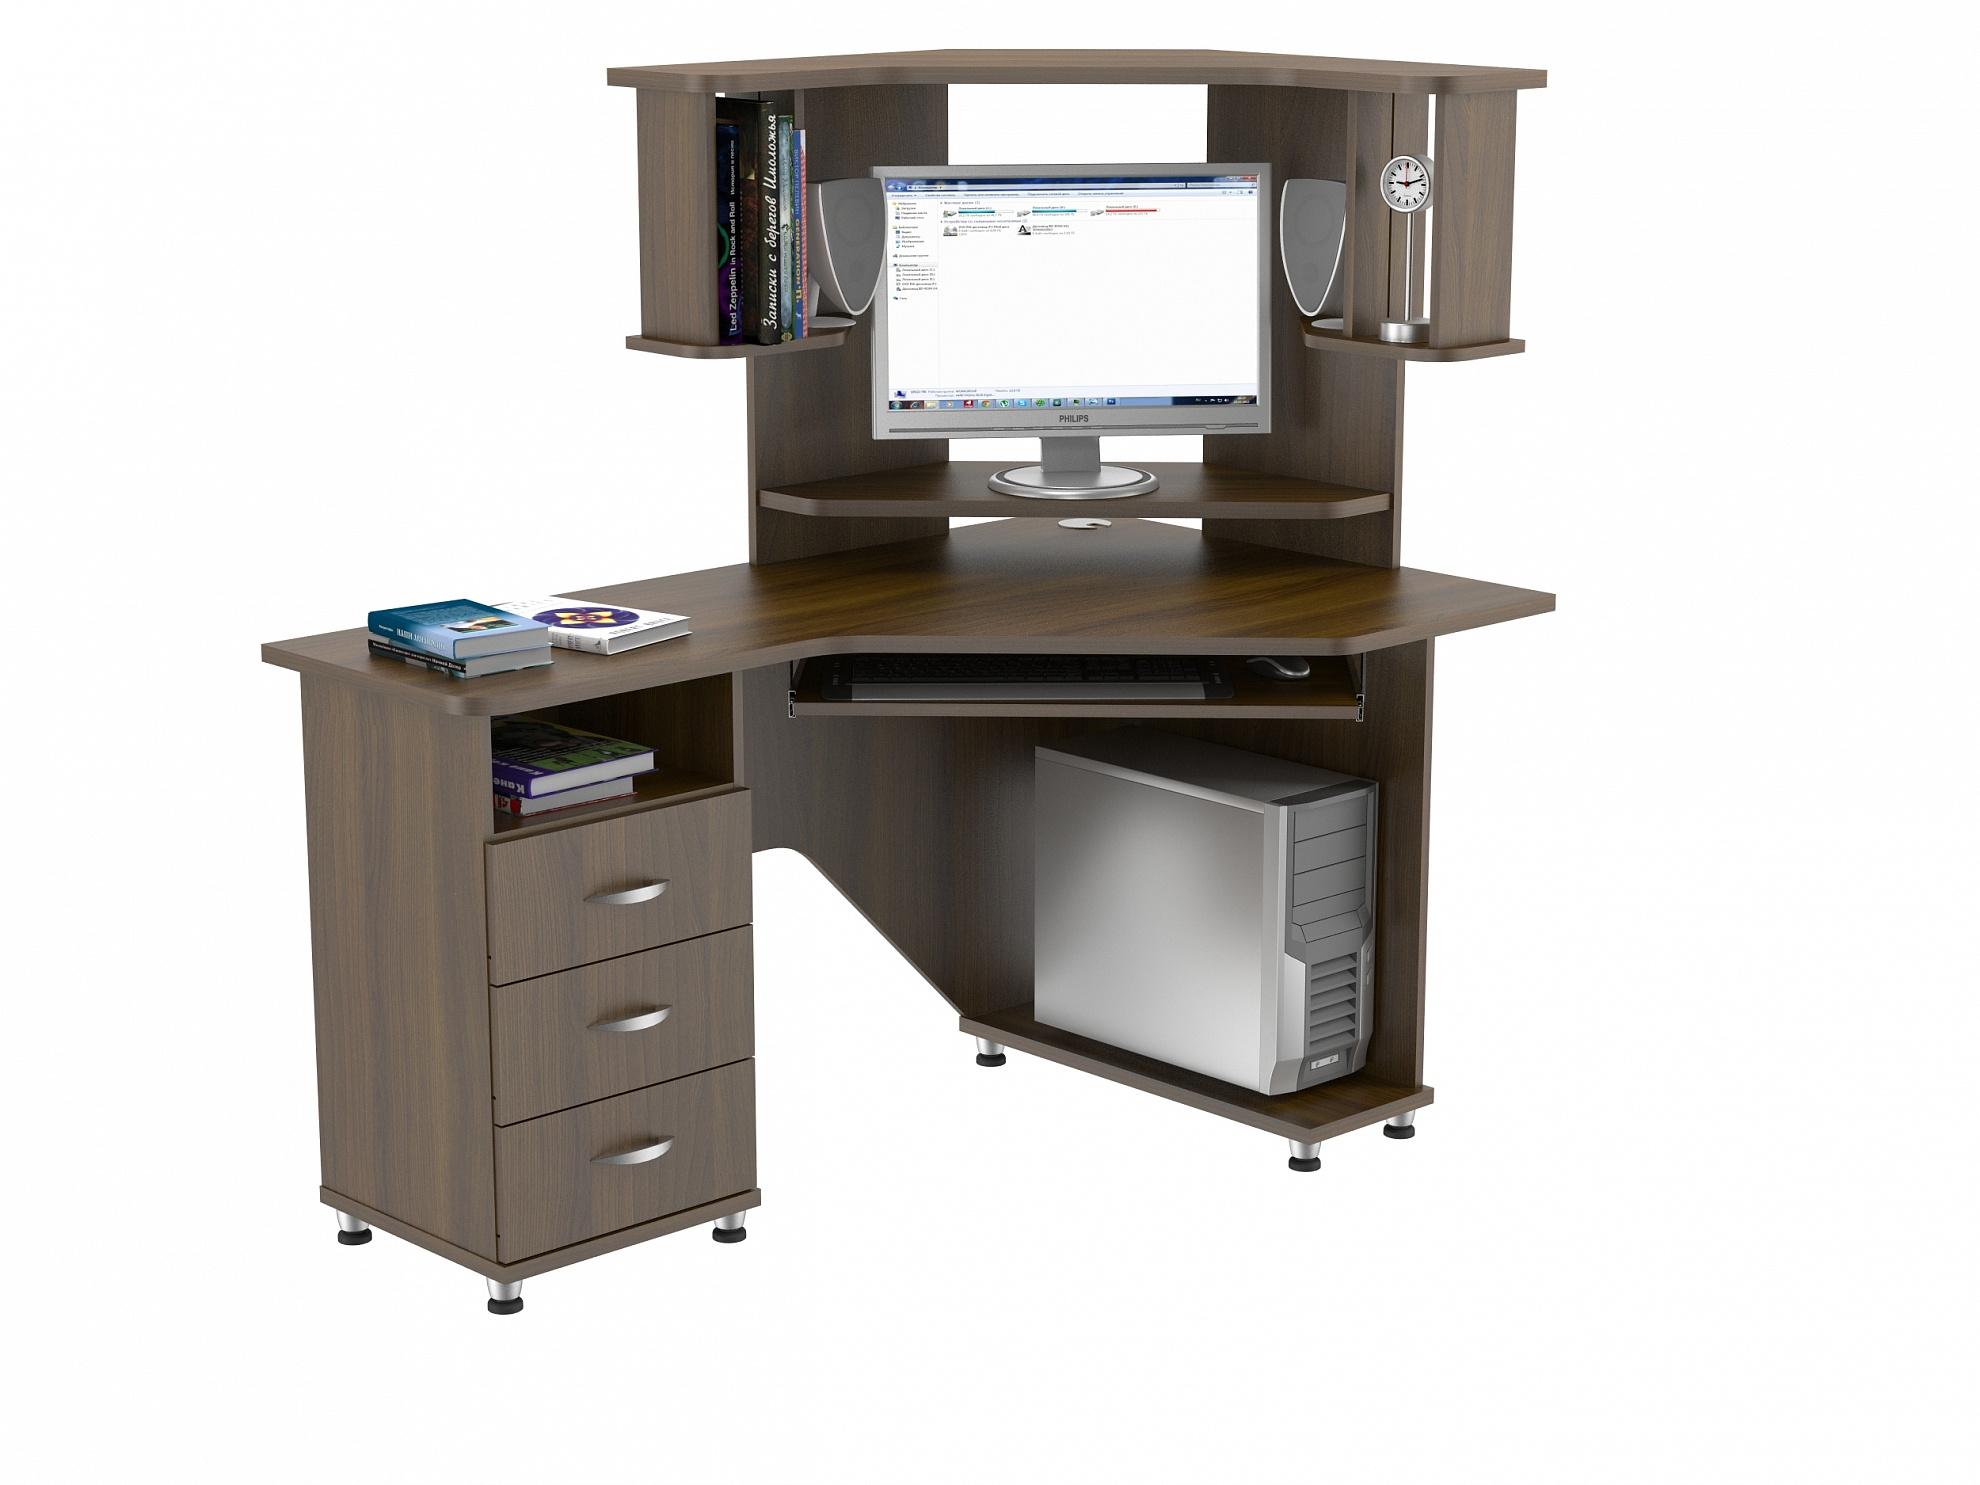 Компьютерный стол КС 20-18м1 фото